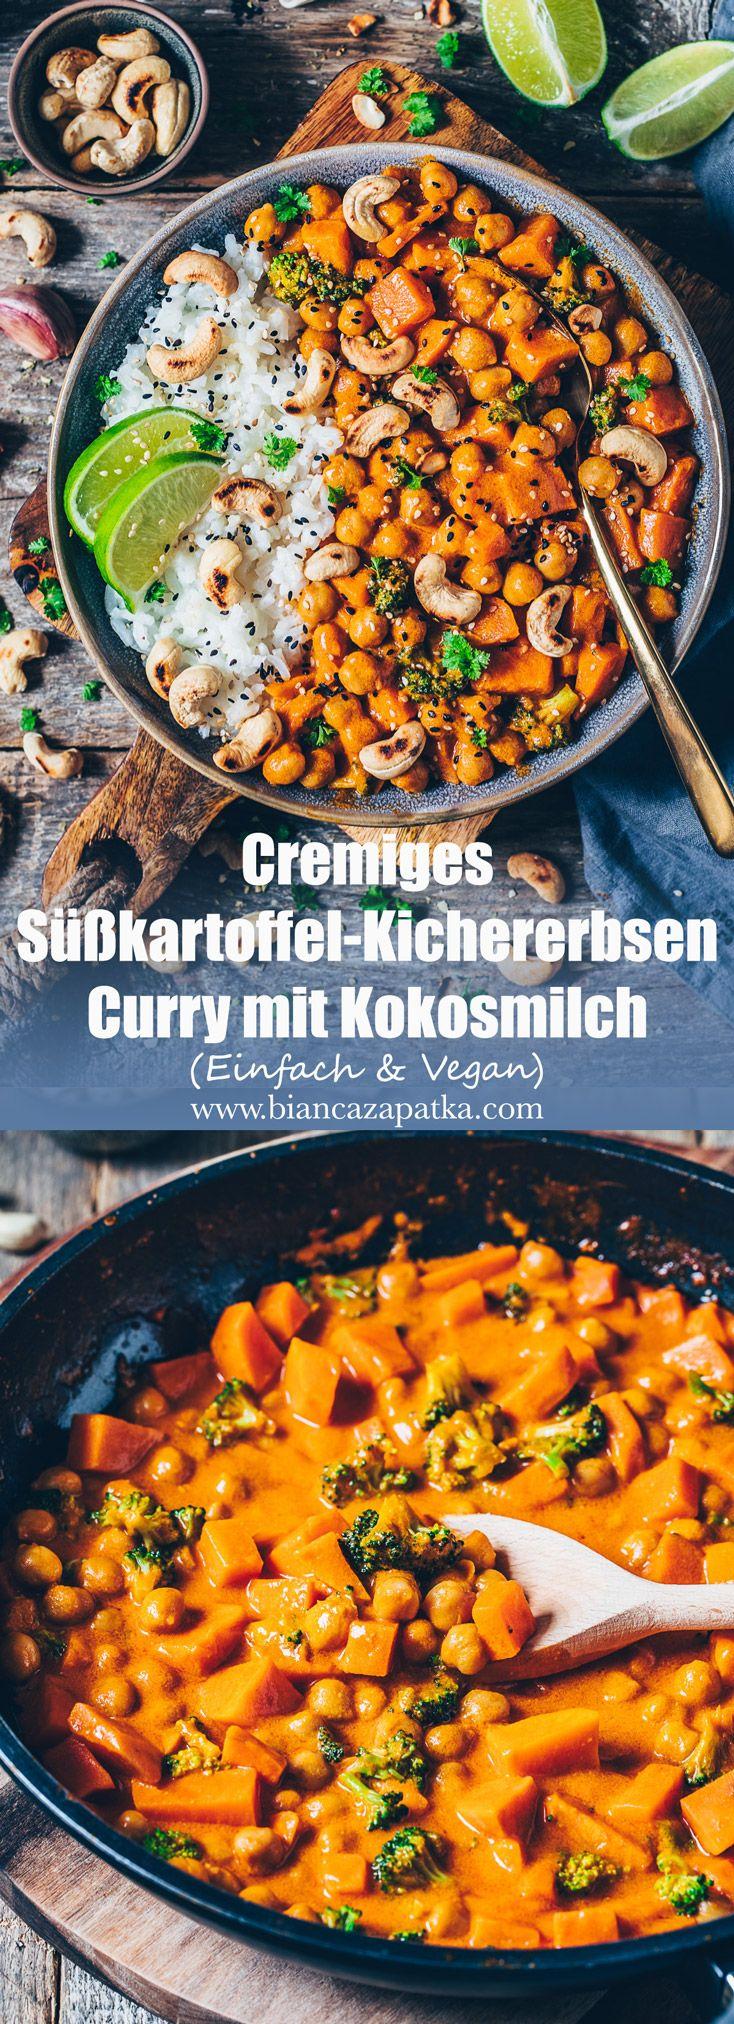 Süßkartoffel-Kichererbsen Curry mit Kokosmilch